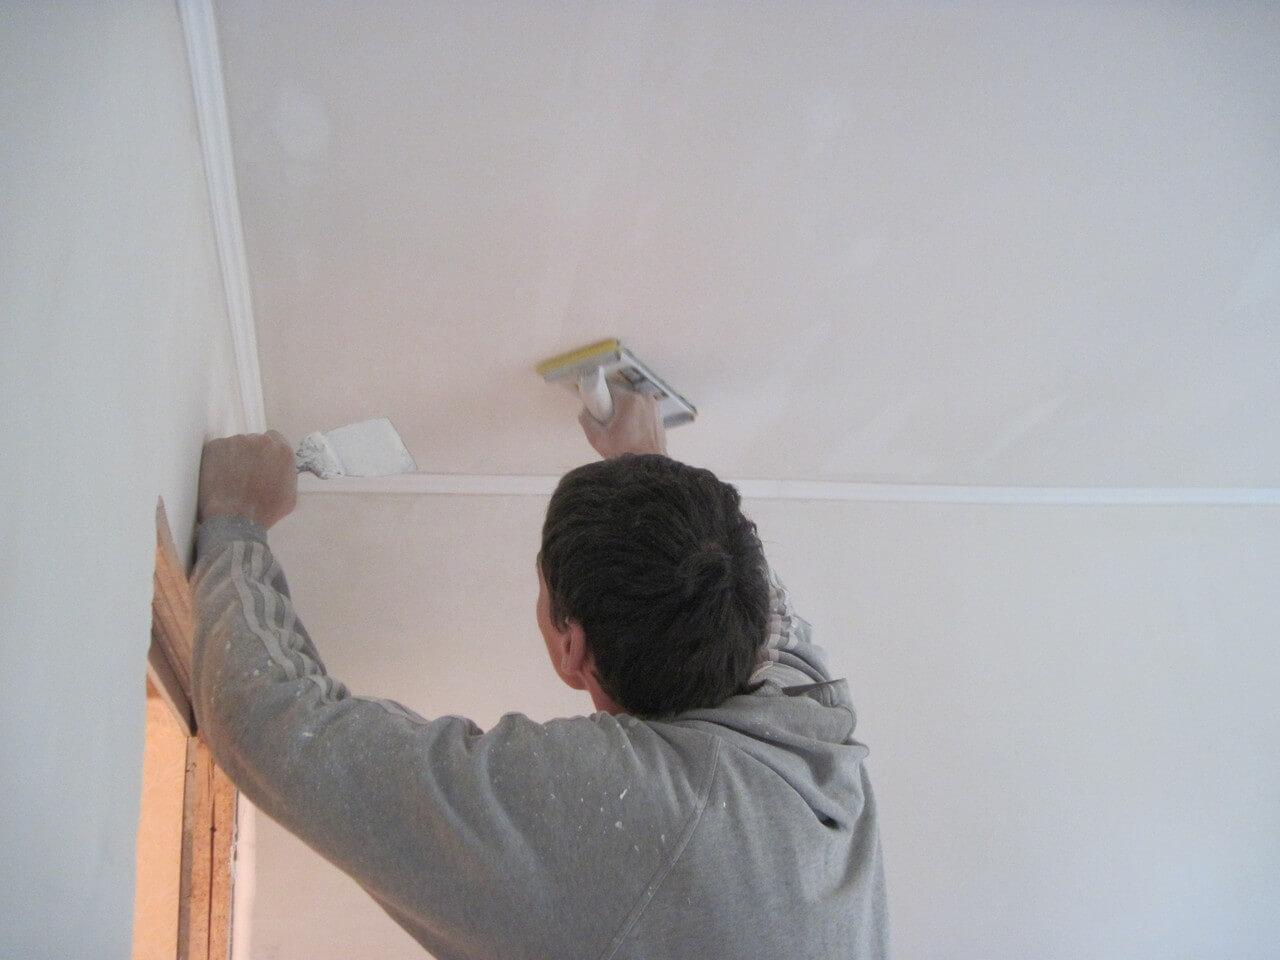 годах покраска потолка отвалилась шпаклевка дюйме